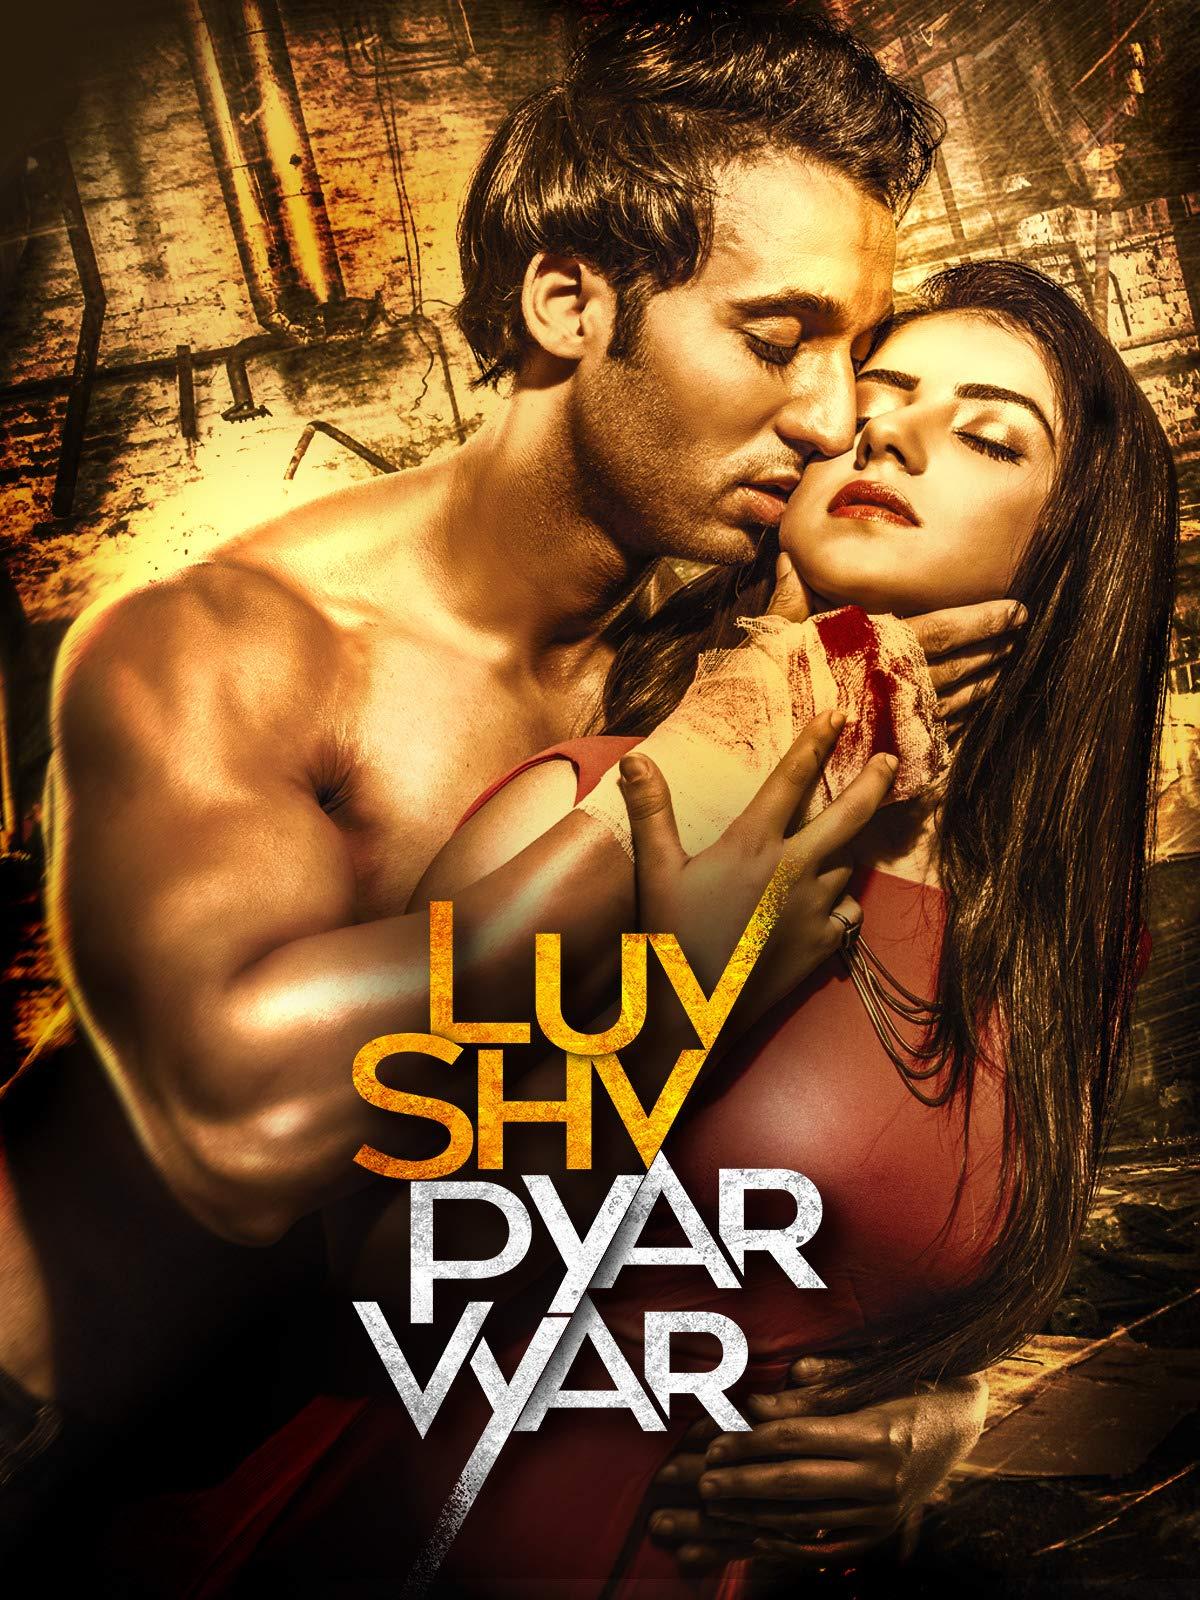 Luv Shv Pyar Vyar on Amazon Prime Video UK